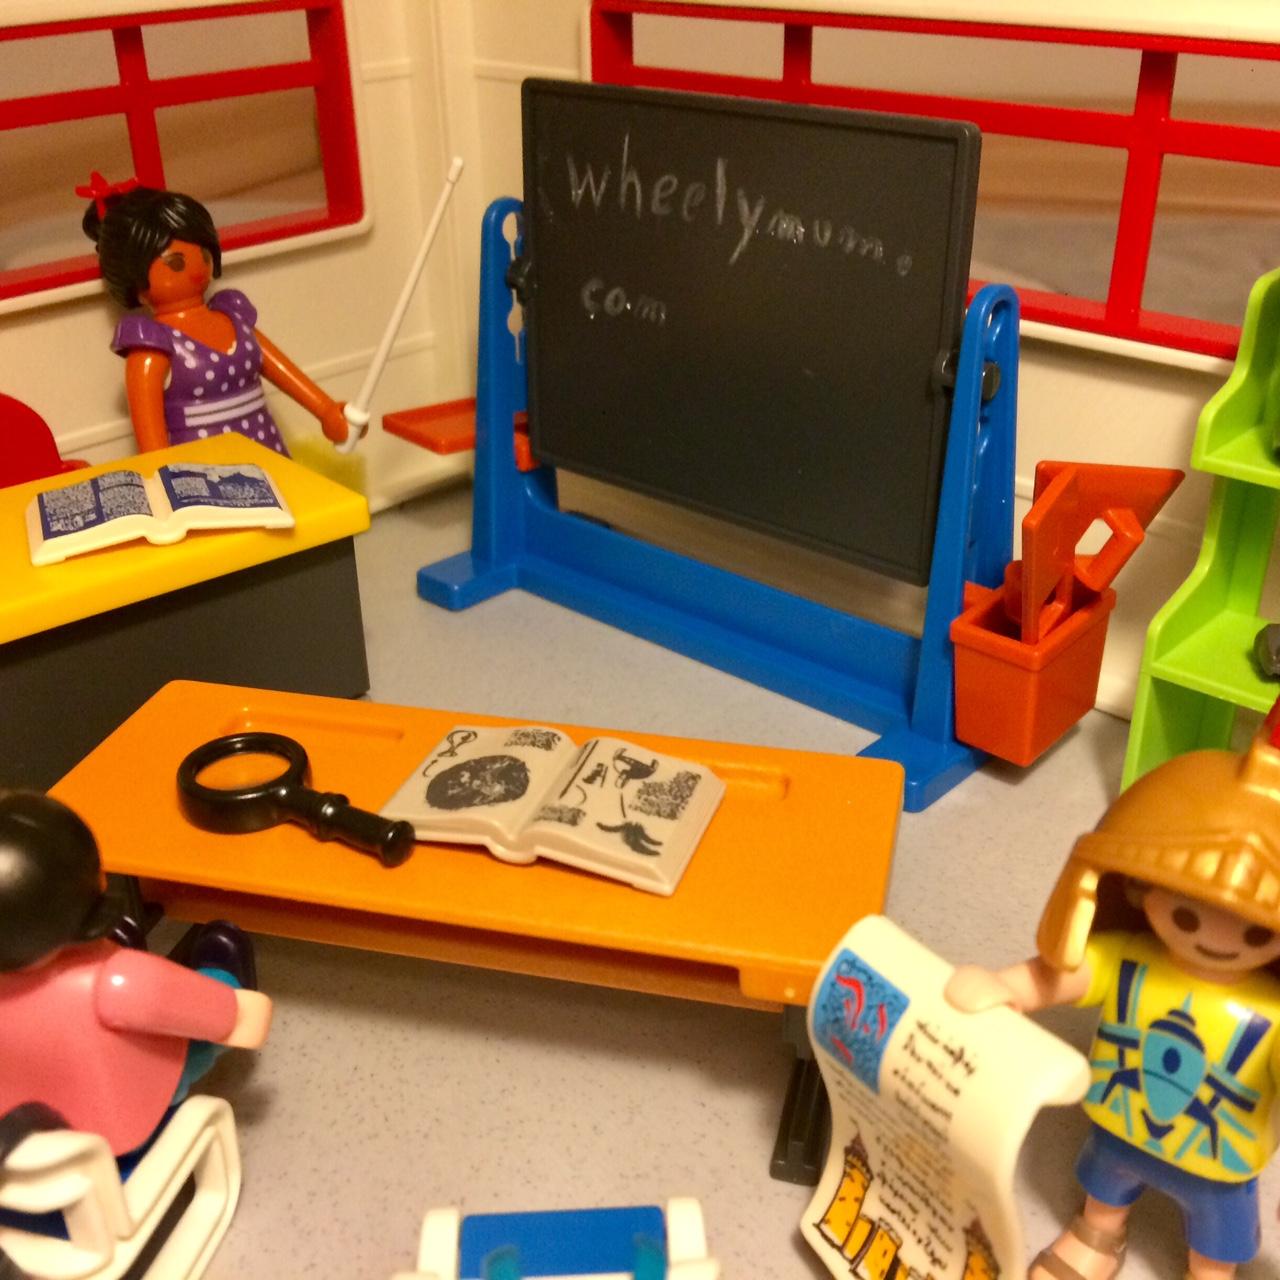 playmobil kunterbunt von jeden etwas Playmobil